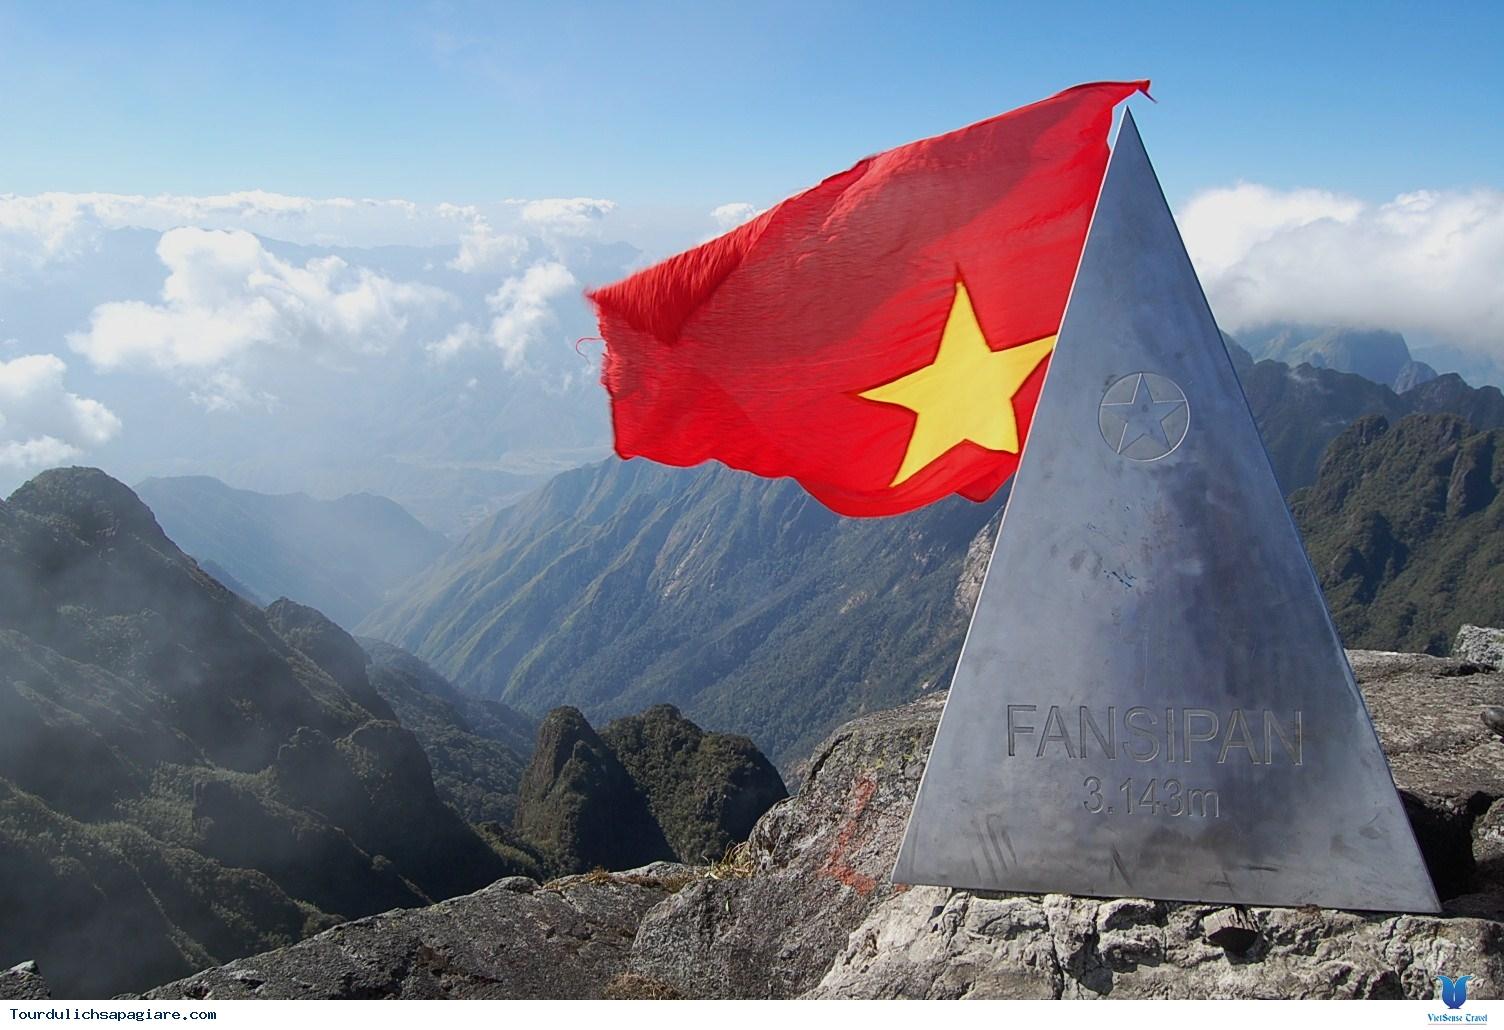 Khả năng với đến đỉnh cao Phan Xi Păng, vượt qua sức chịu đựng bản thân